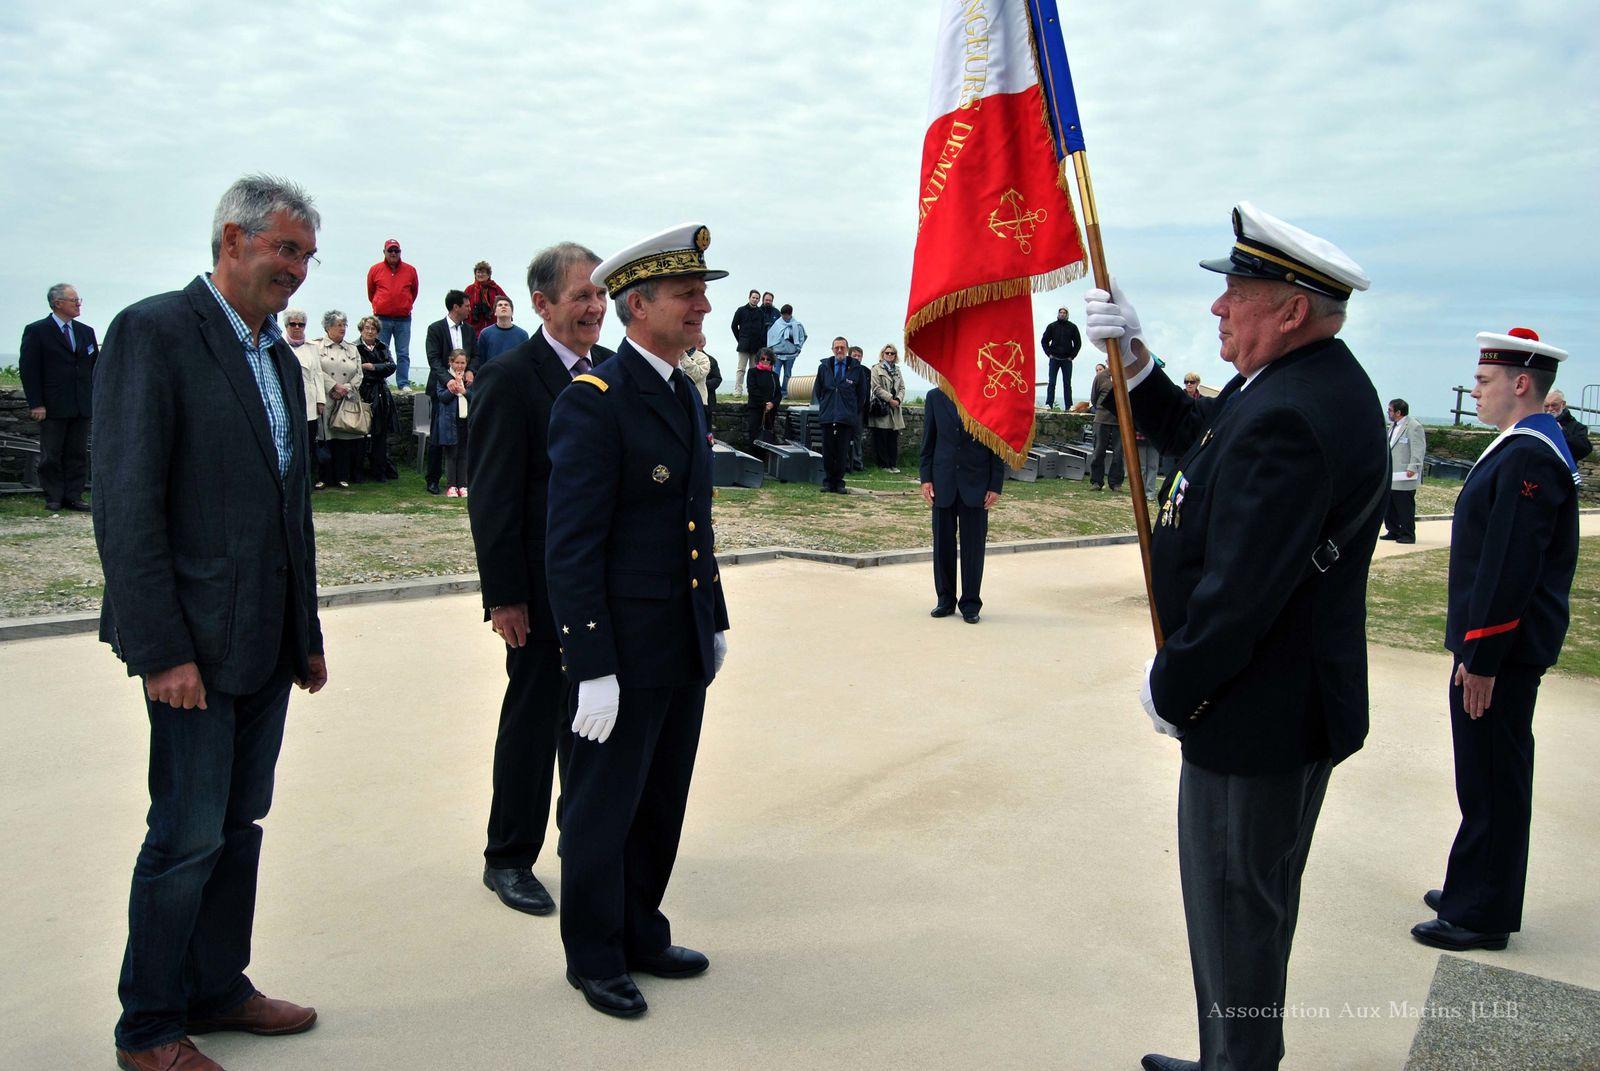 10 mai 2013-Inauguration de l'exposition et cérémonie consacrée à la mémoire des marins et des personnels civils de la frégate Laplace morts pour la France le 16 septembre 1950. Photographies : Jean-Luc Le Bris